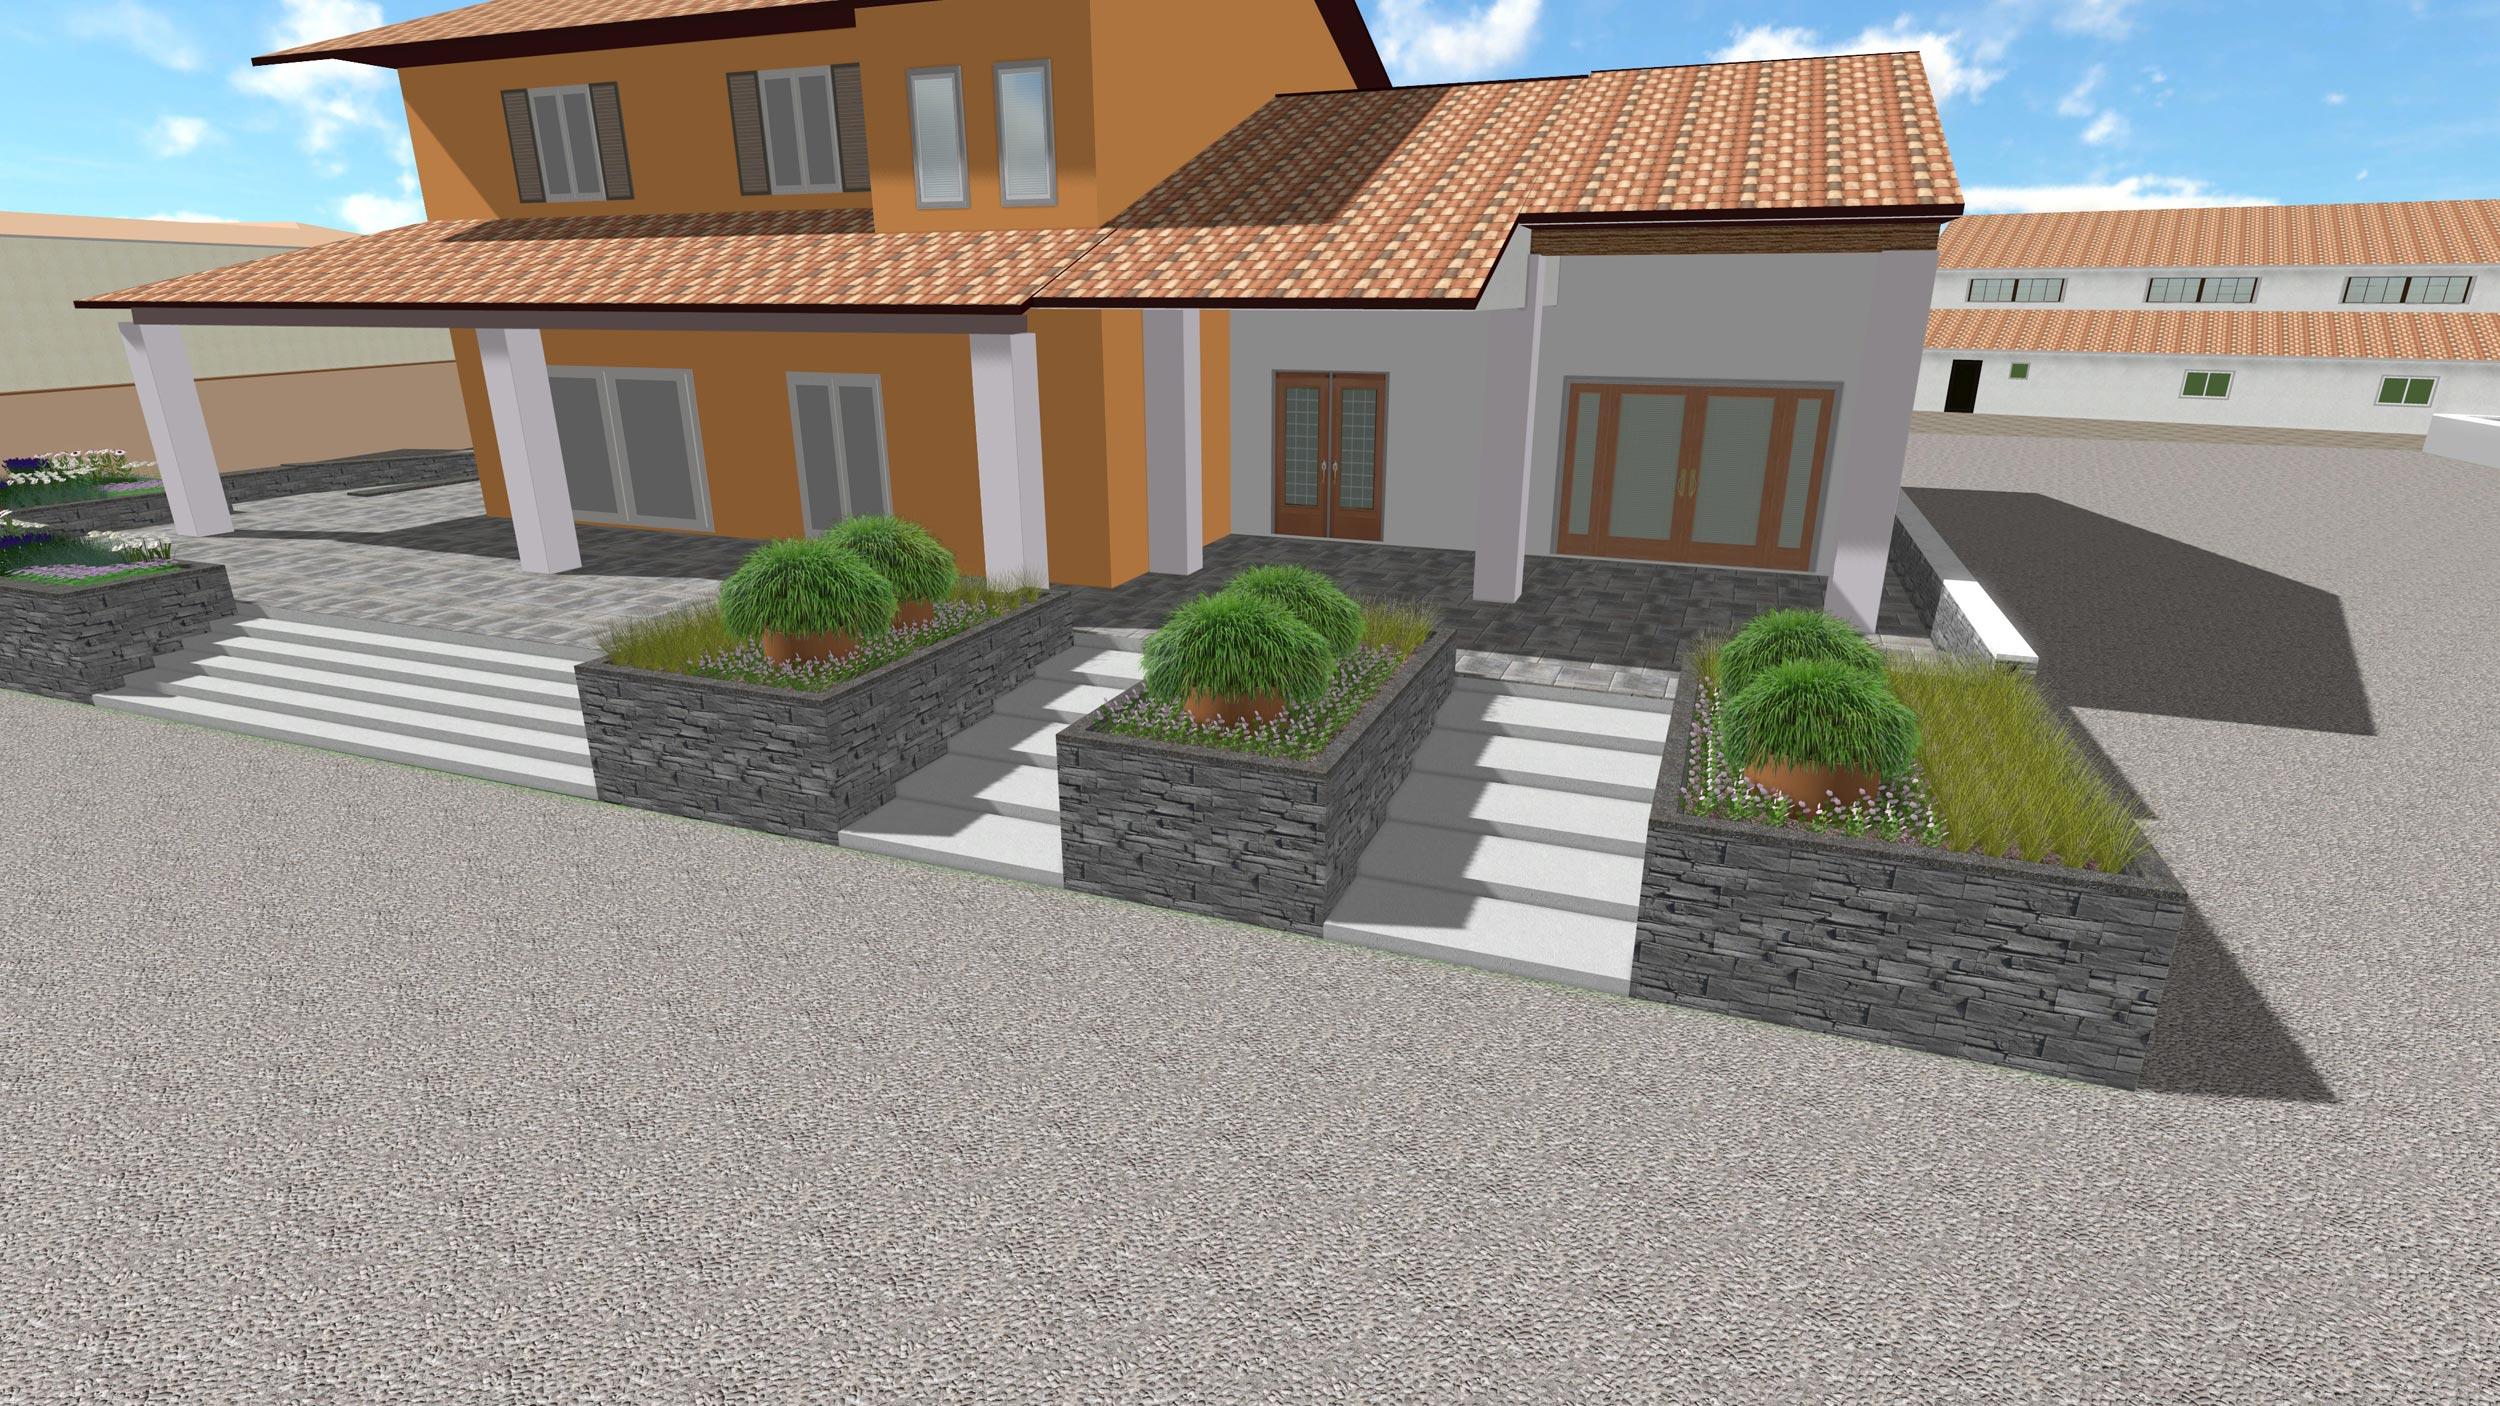 Progetti di giardini pubblici e aziendali in fase di for Corso progettazione giardini